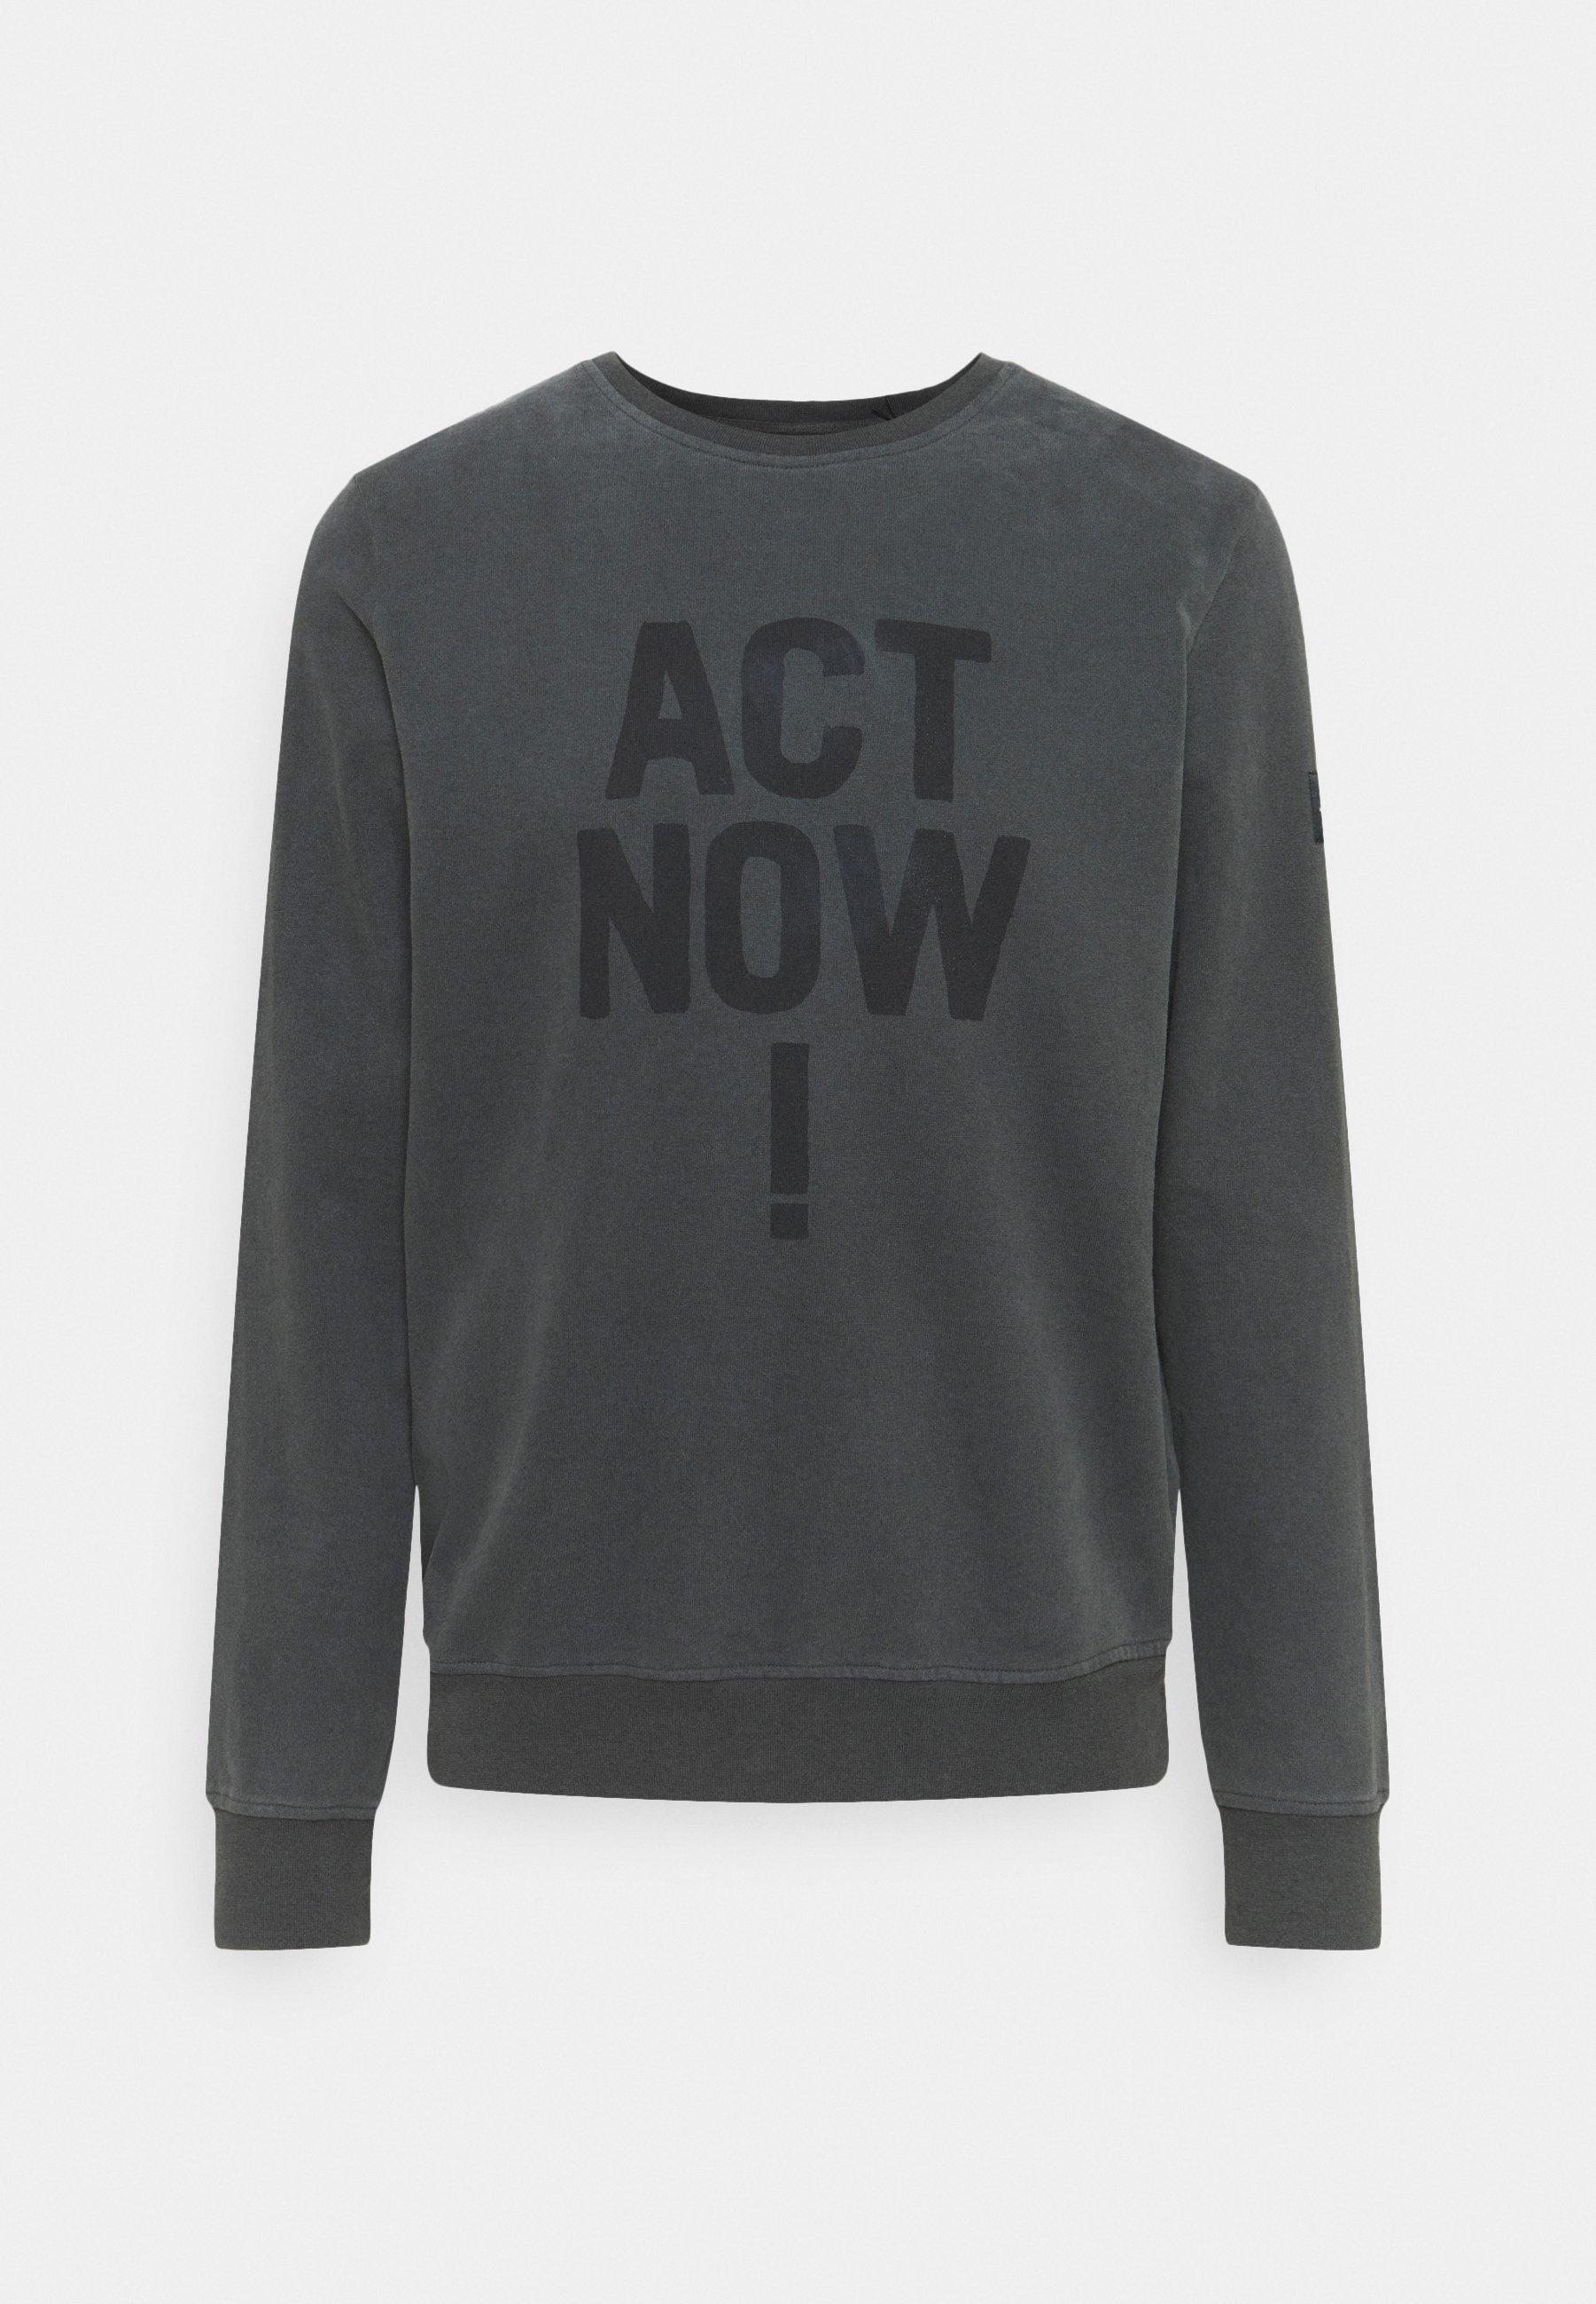 Men ALTAMIRA ACT NOW MAN - Sweatshirt